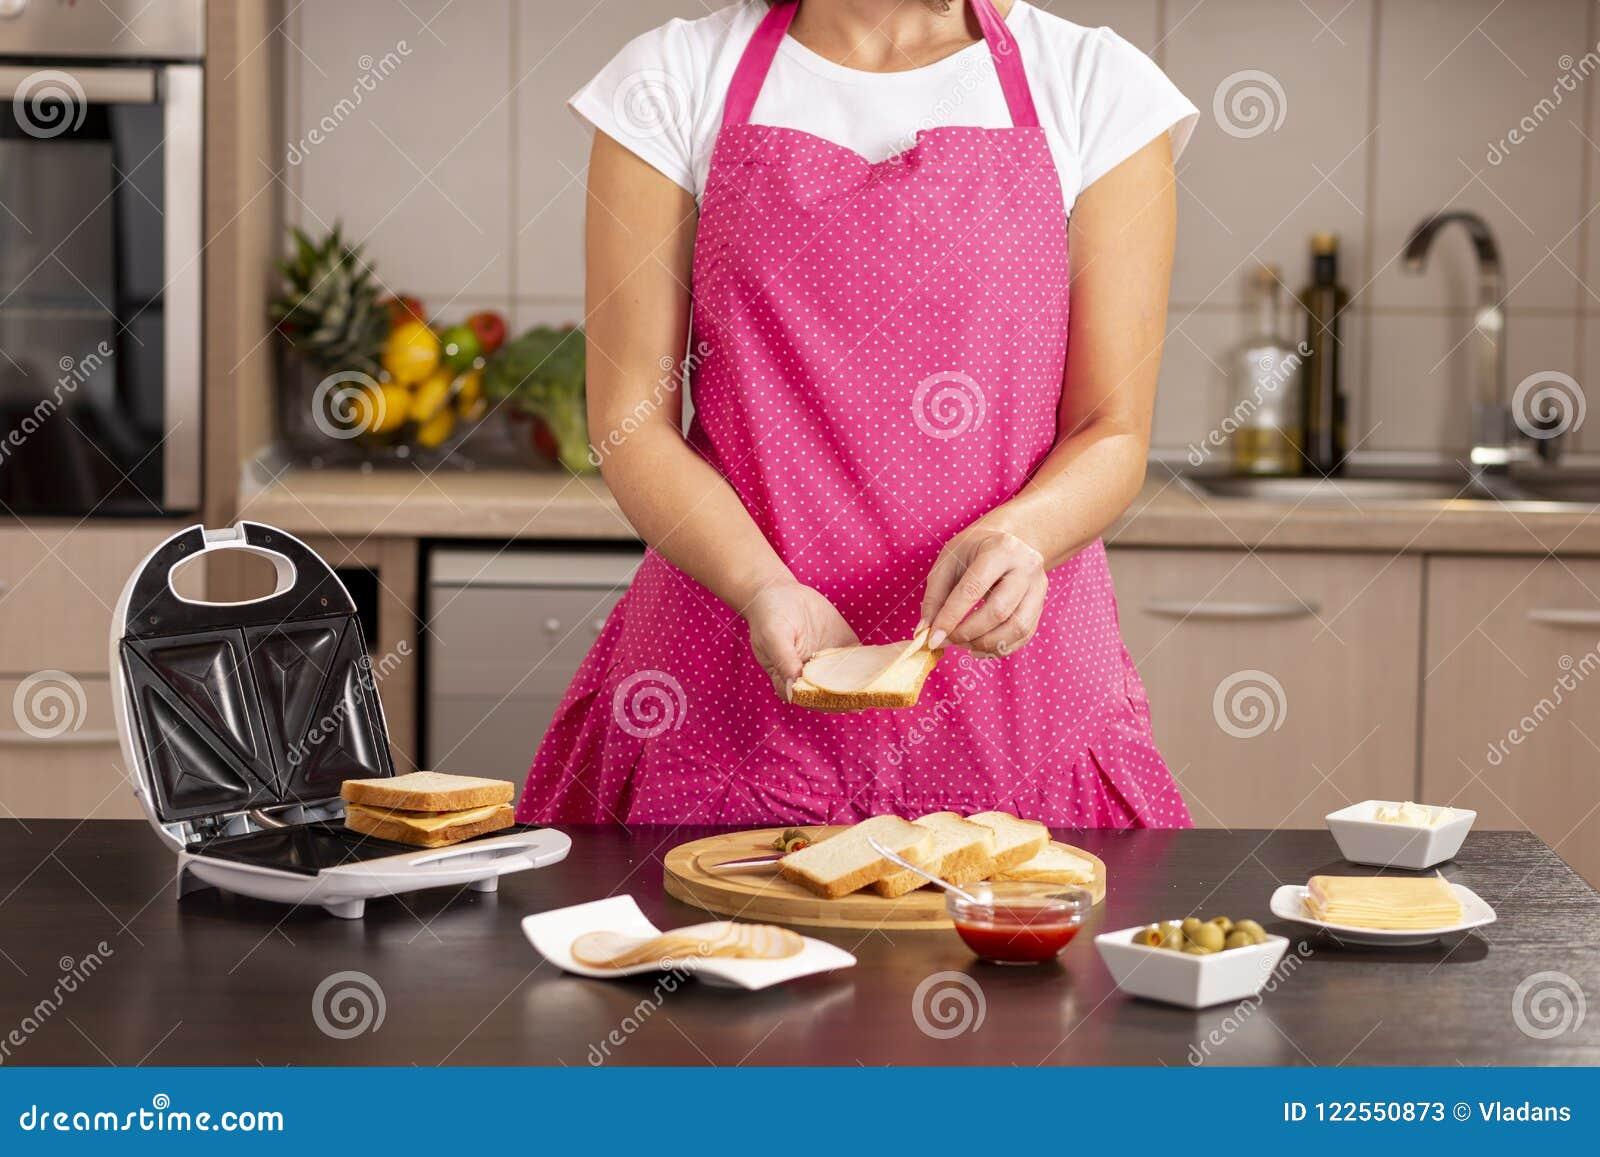 Adicionando o salame em um sanduíche